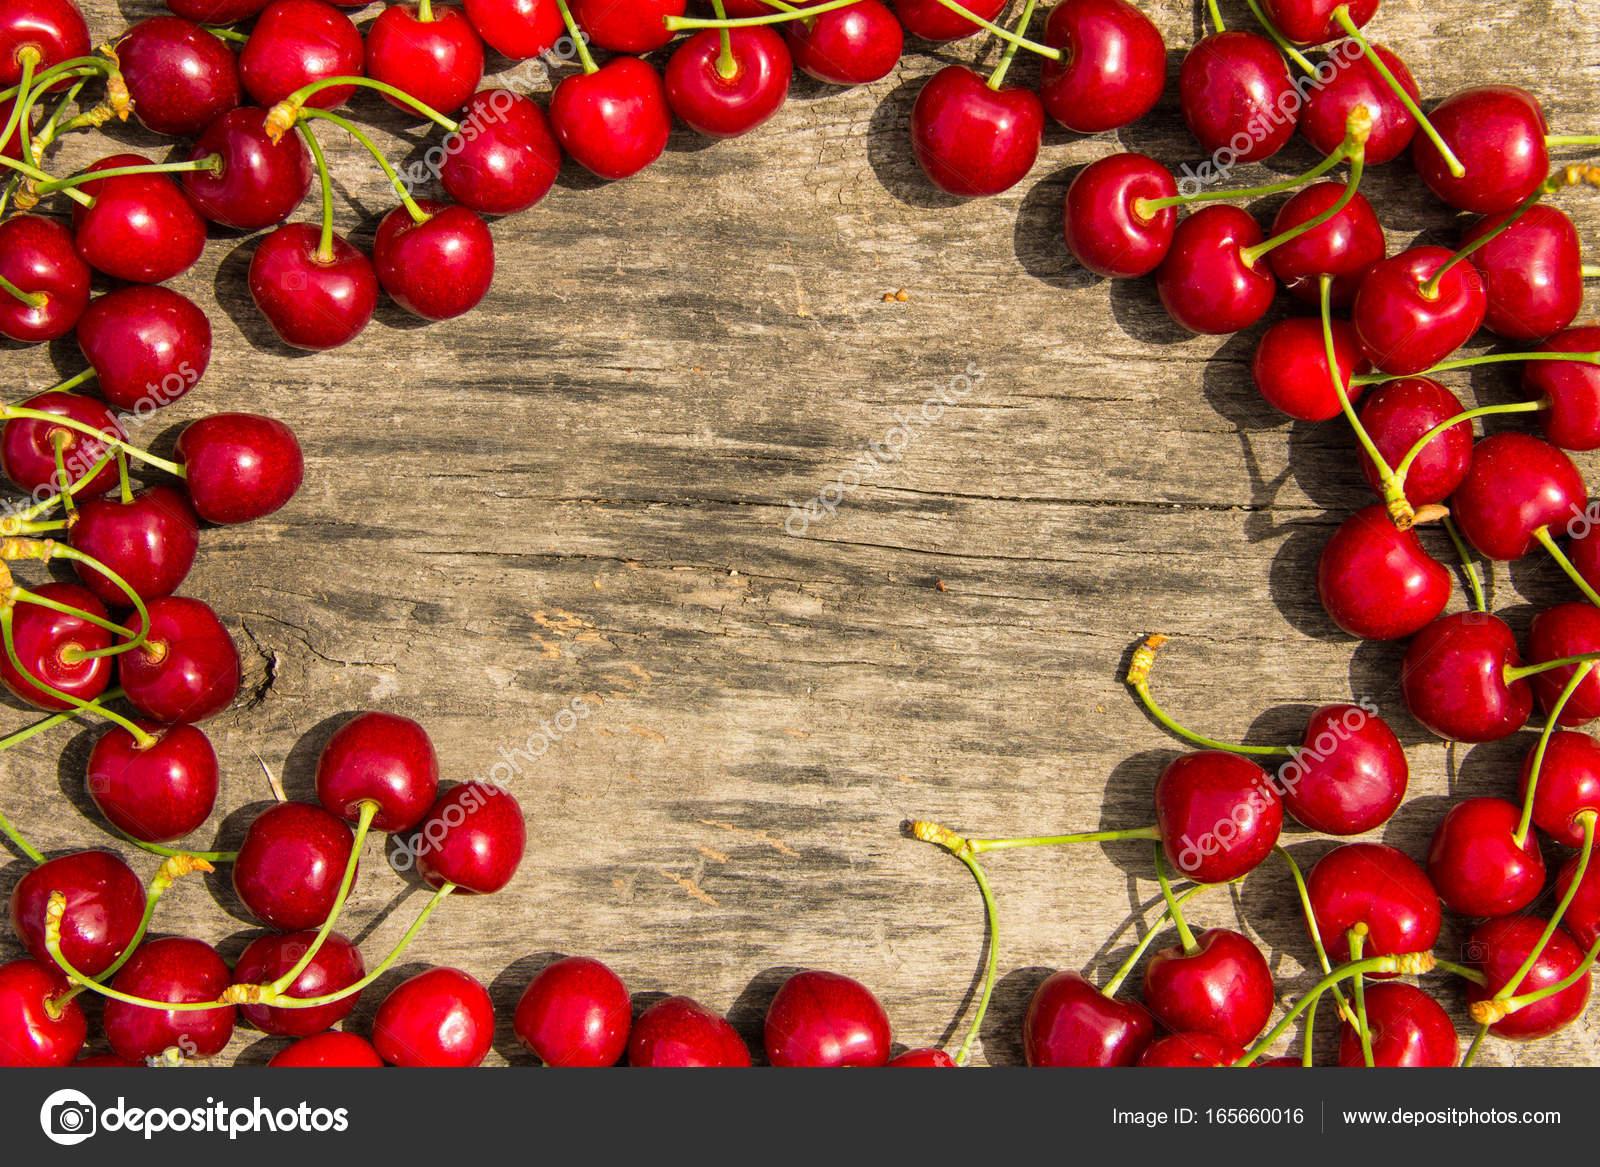 Quadro de cereja vermelha em fundo de madeira u stock photo